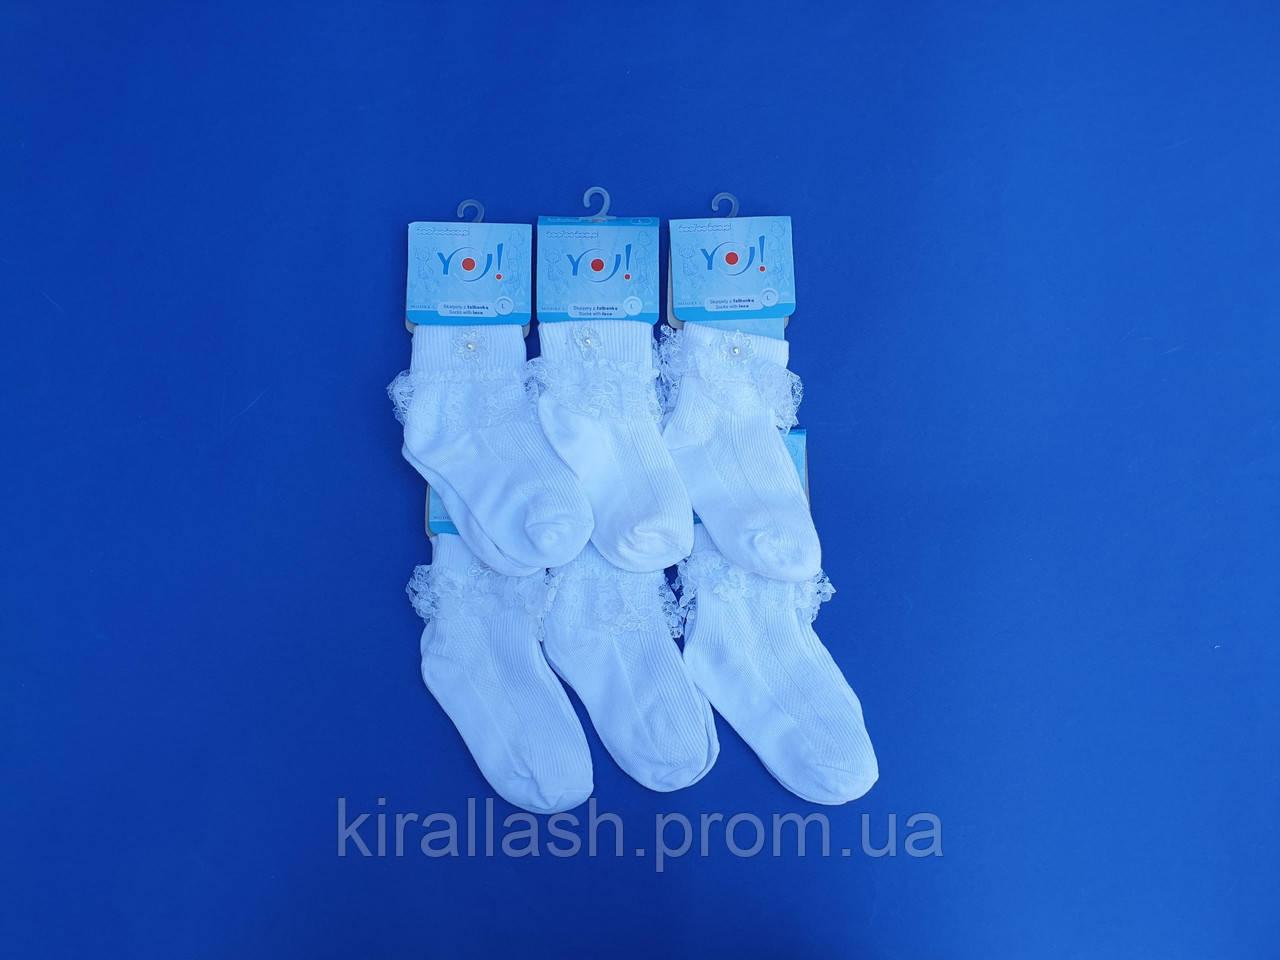 """Шкарпетки (L 23-24 розмір) бавовна для дівчаток """"YO SCORPIO"""" АЖУРНІ З РЮШЕМ Білі Польща"""